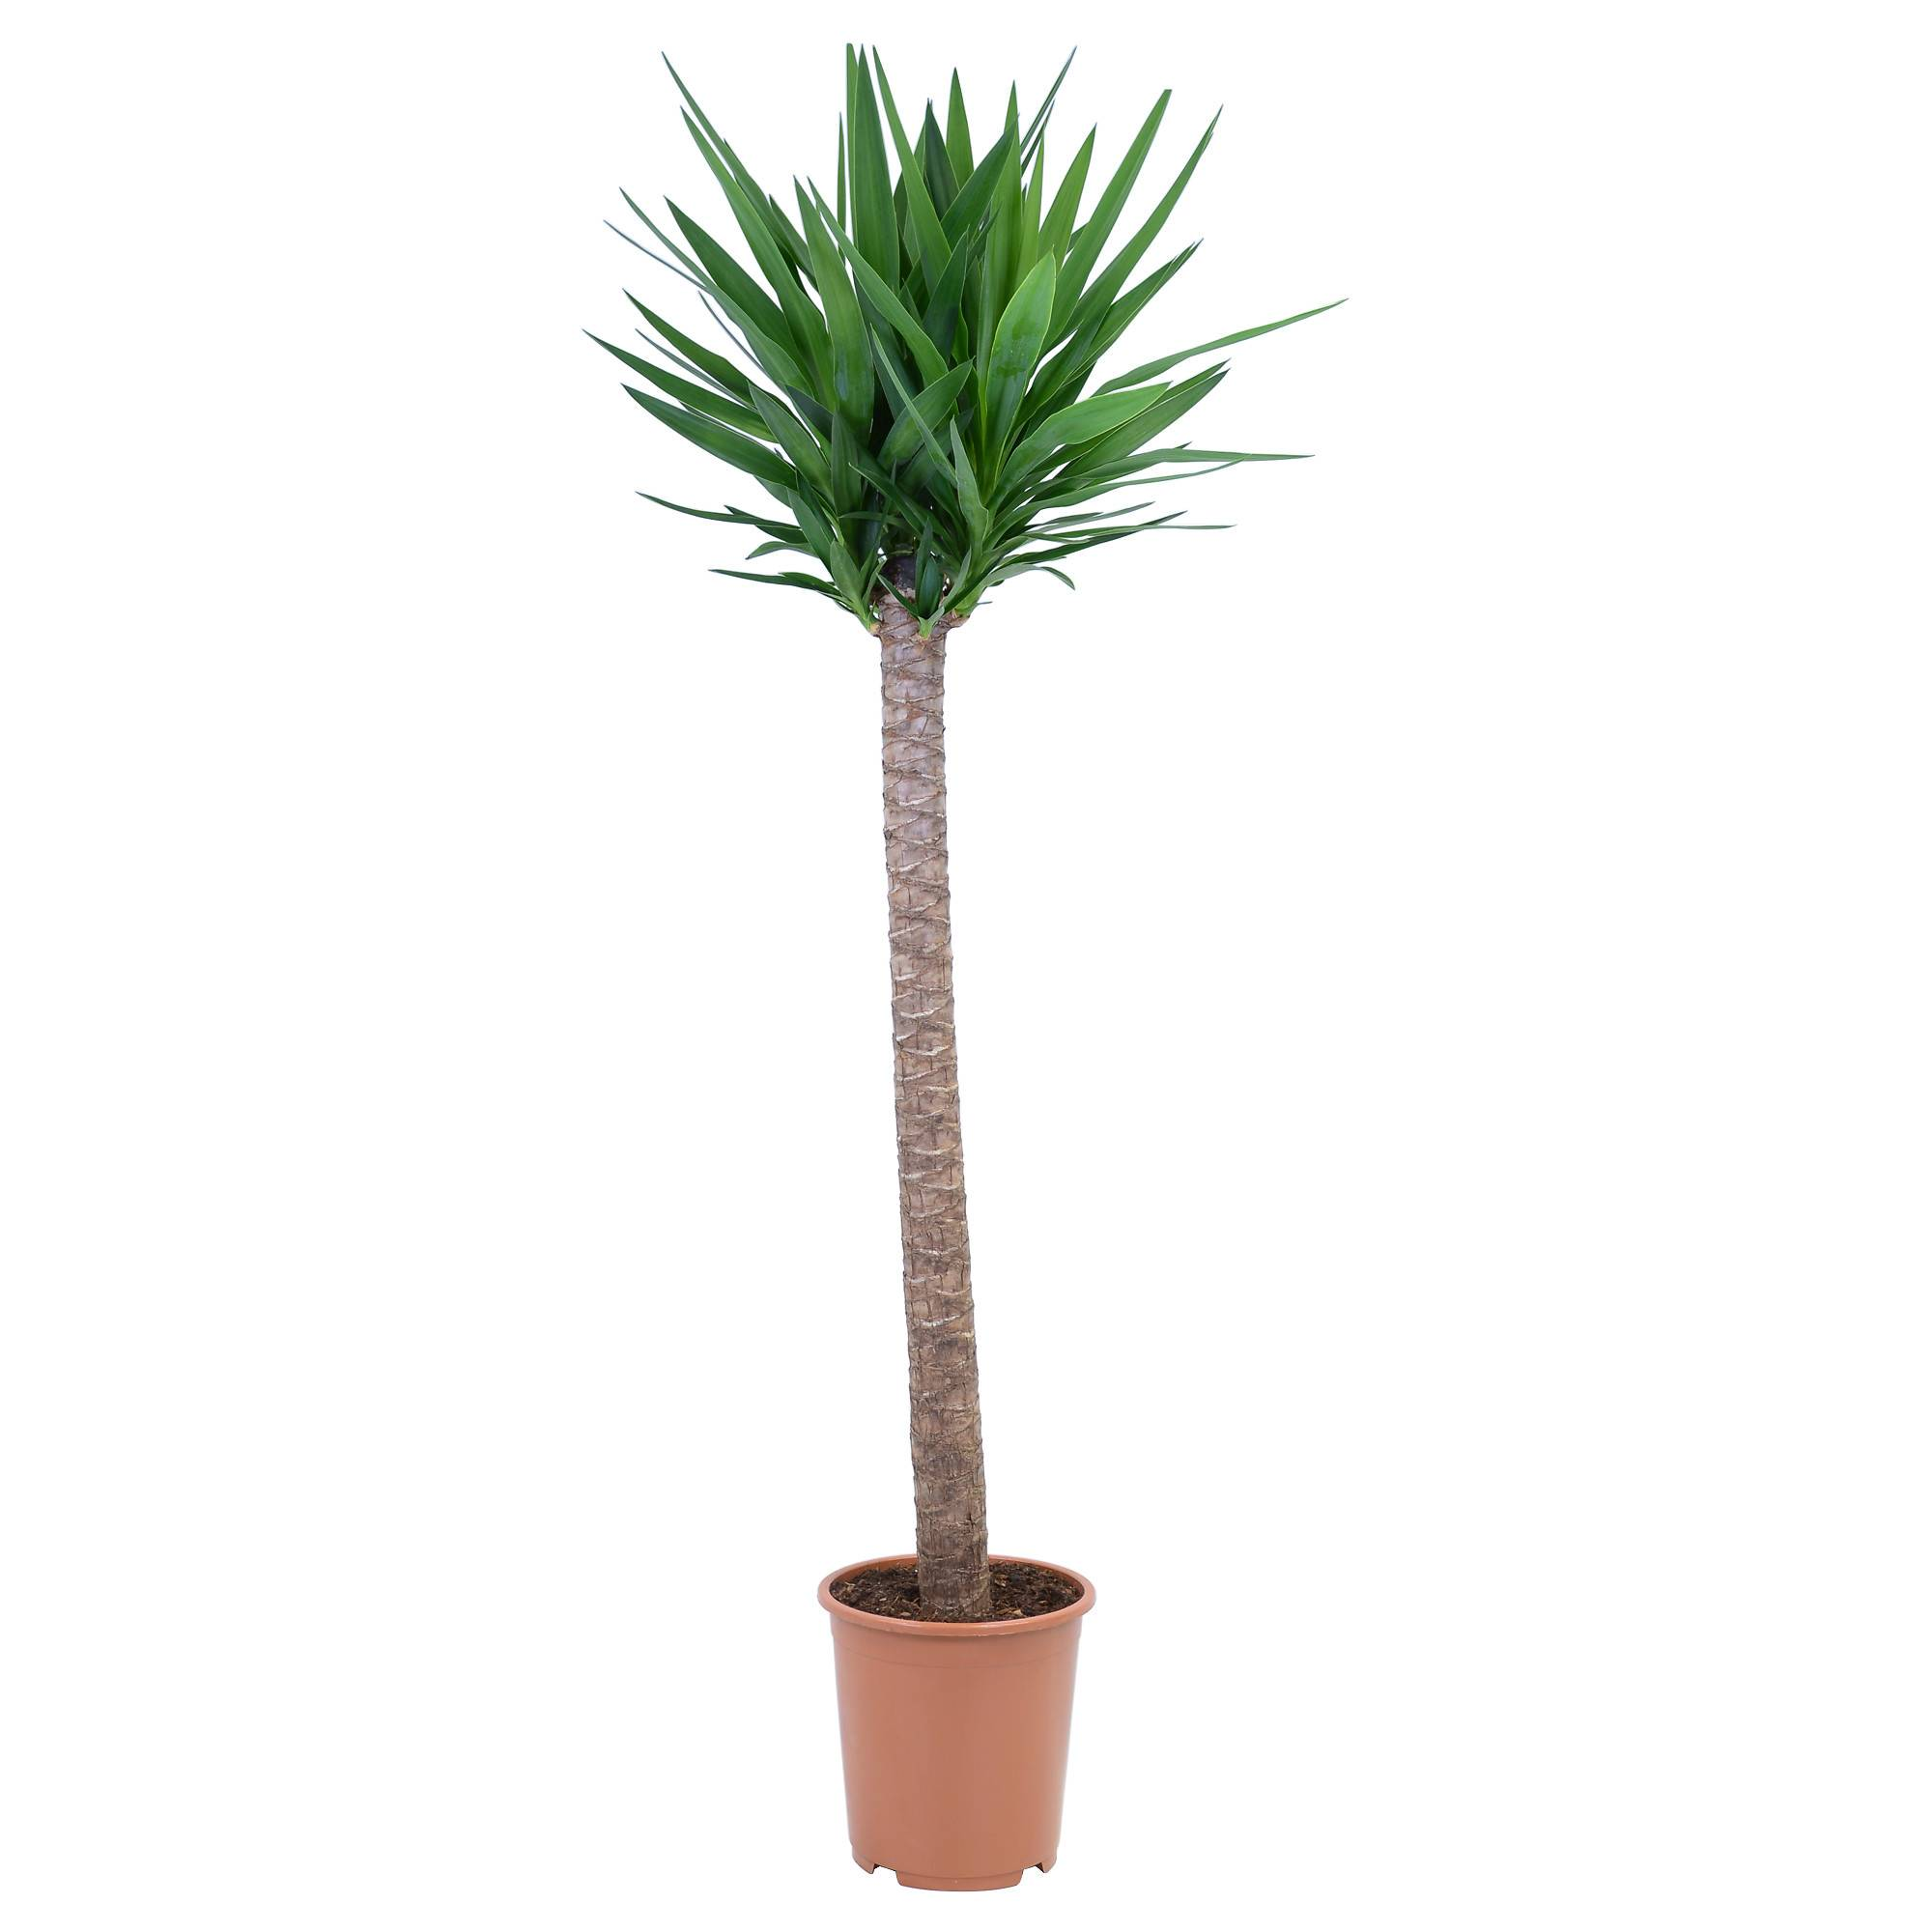 Ложная пальма юкка: способы размножения, правильная посадка